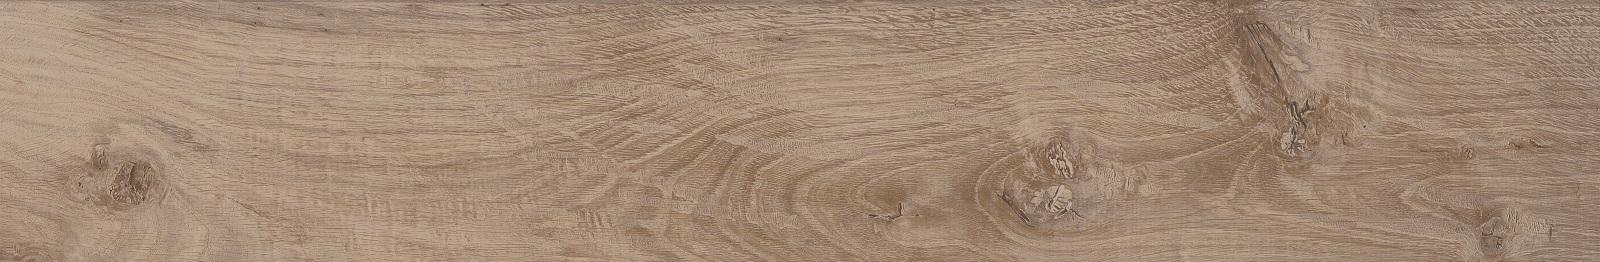 Плитка Allwood Brown (zzxwu6r) изображение 8